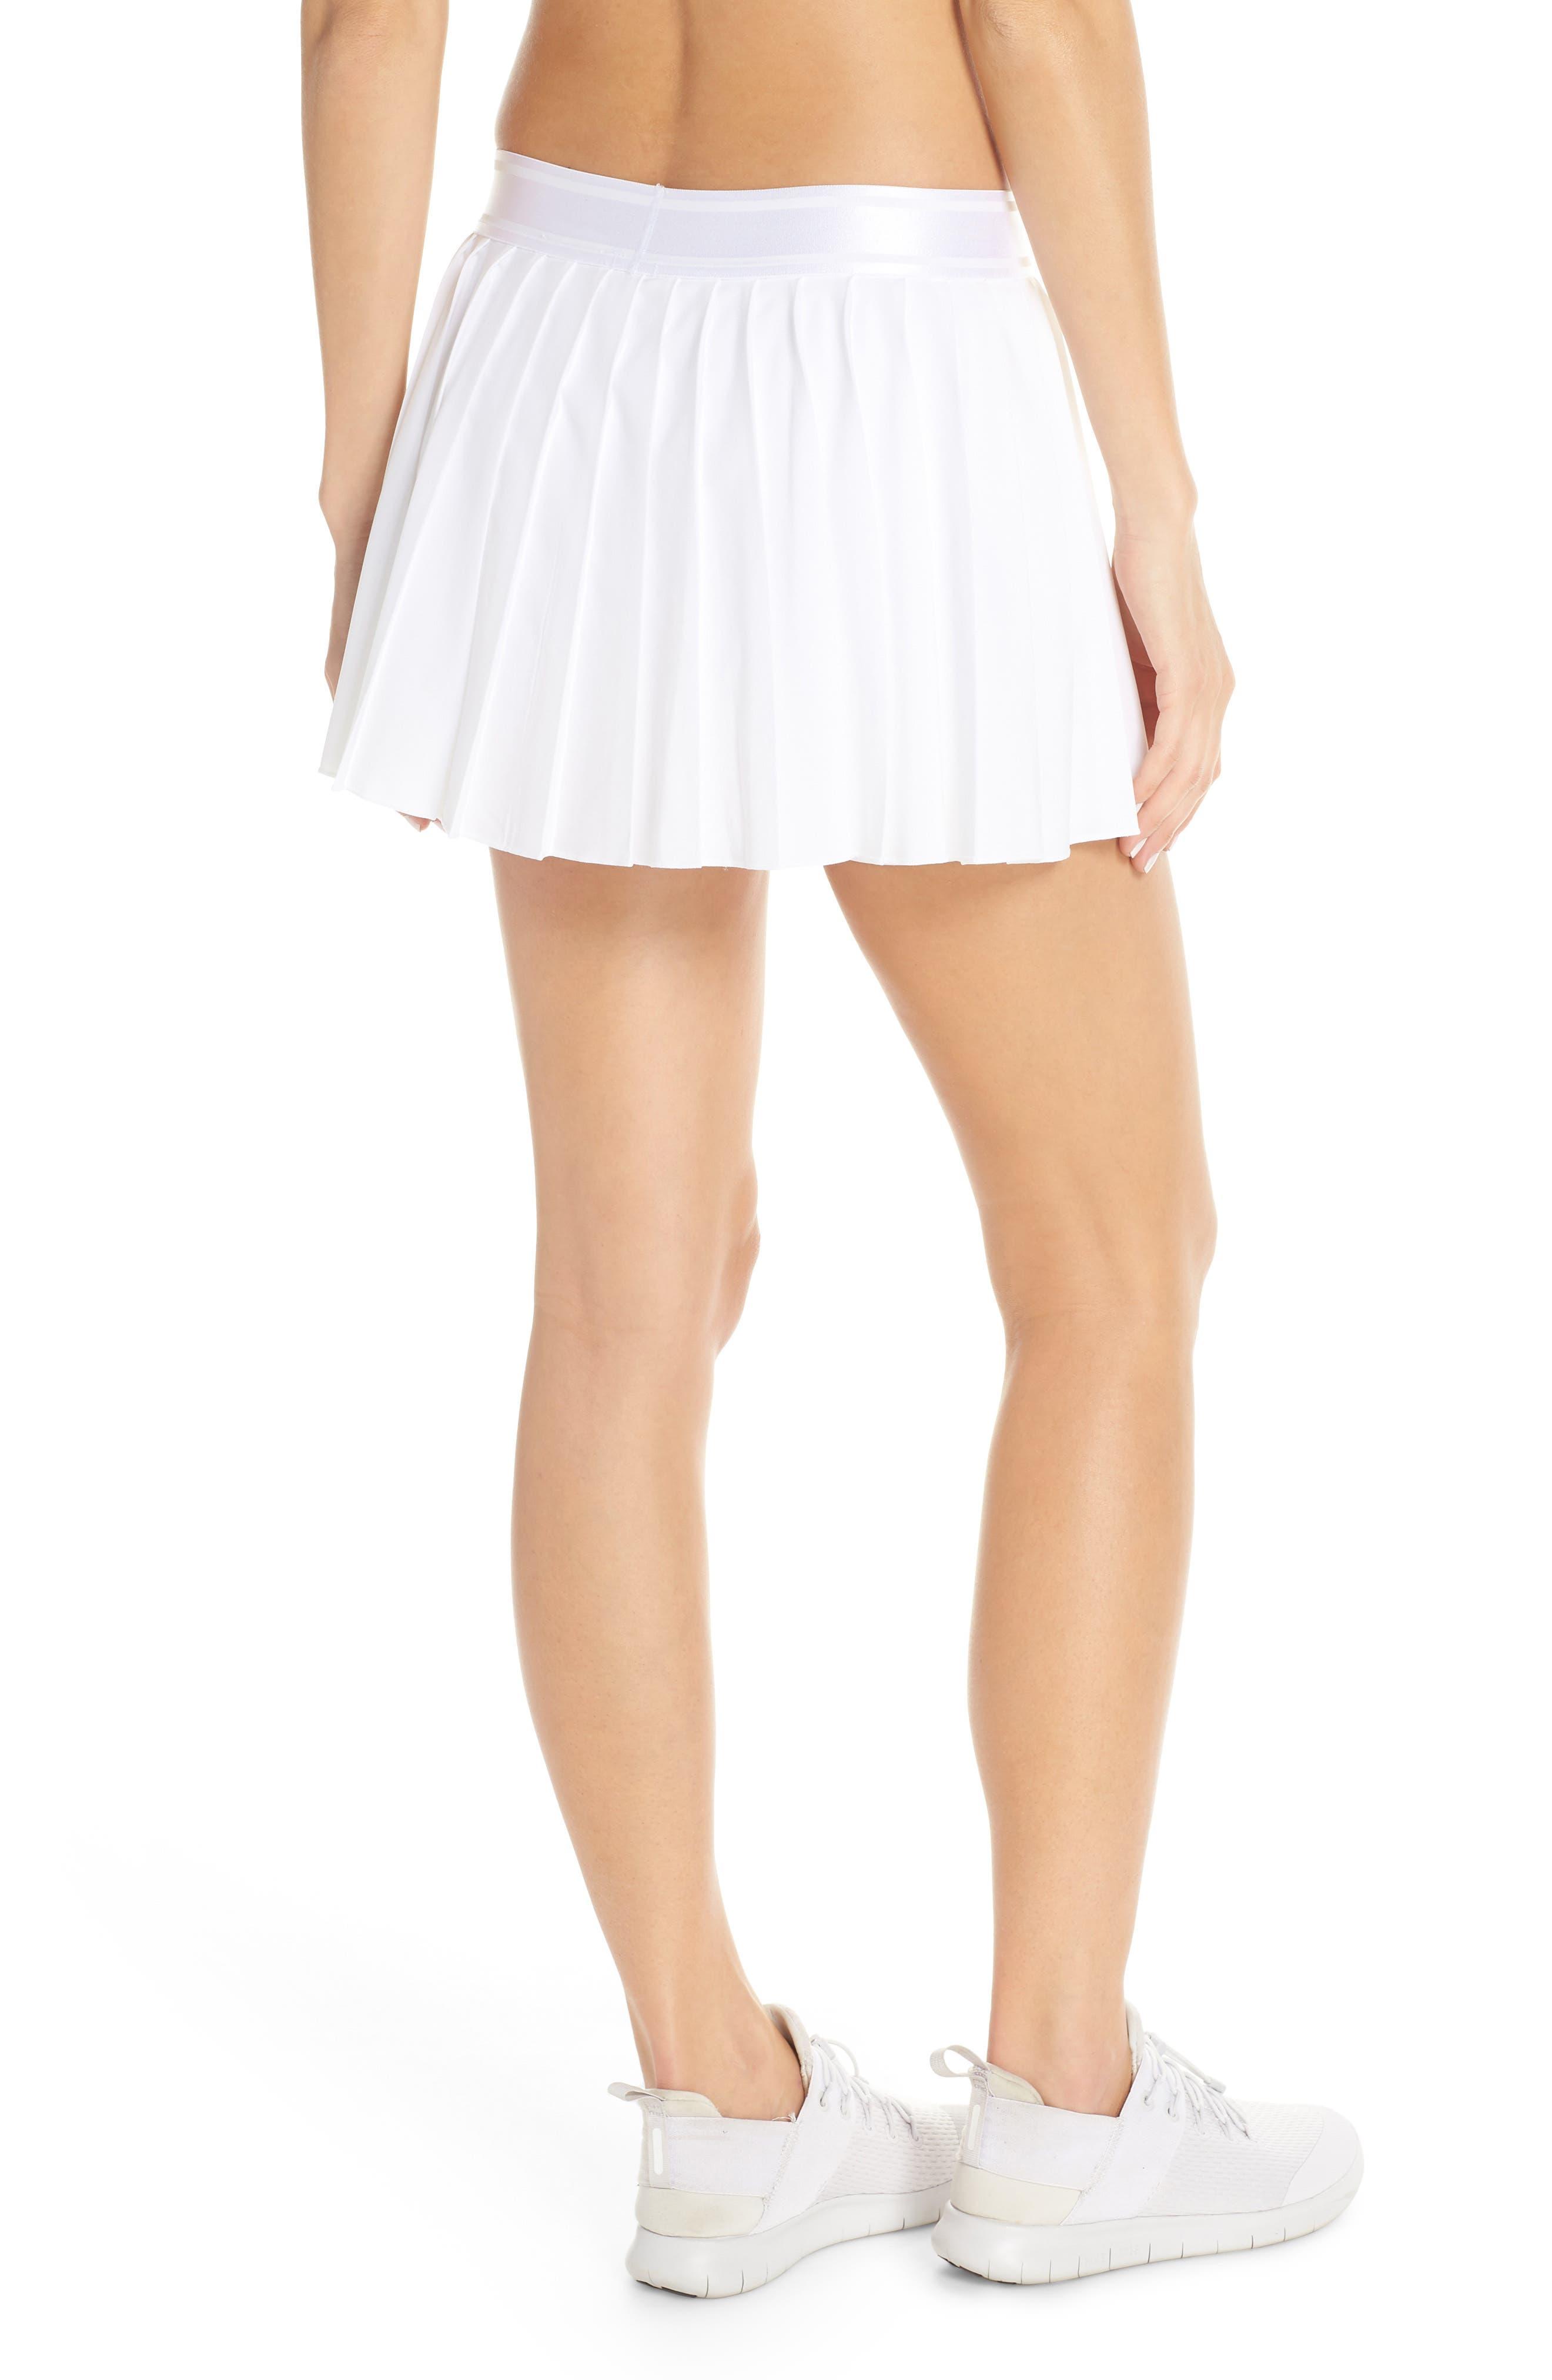 Court Victory Tennis Skirt,                             Alternate thumbnail 2, color,                             WHITE/ BLACK